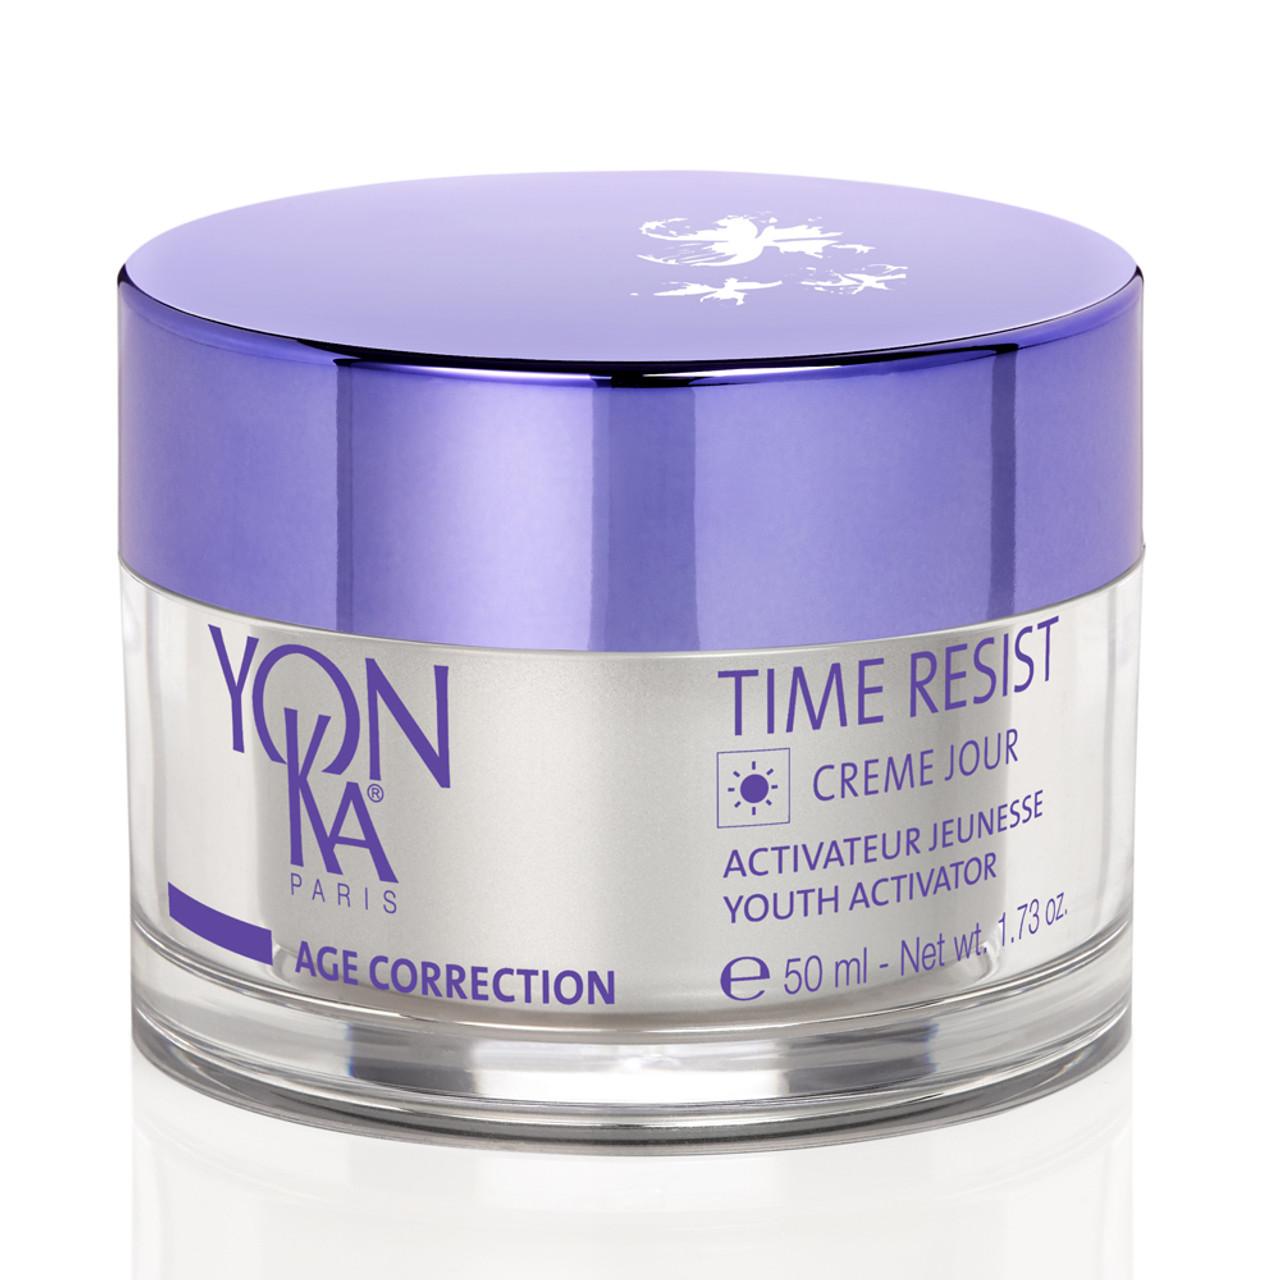 YonKa Time Resist Creme Jour